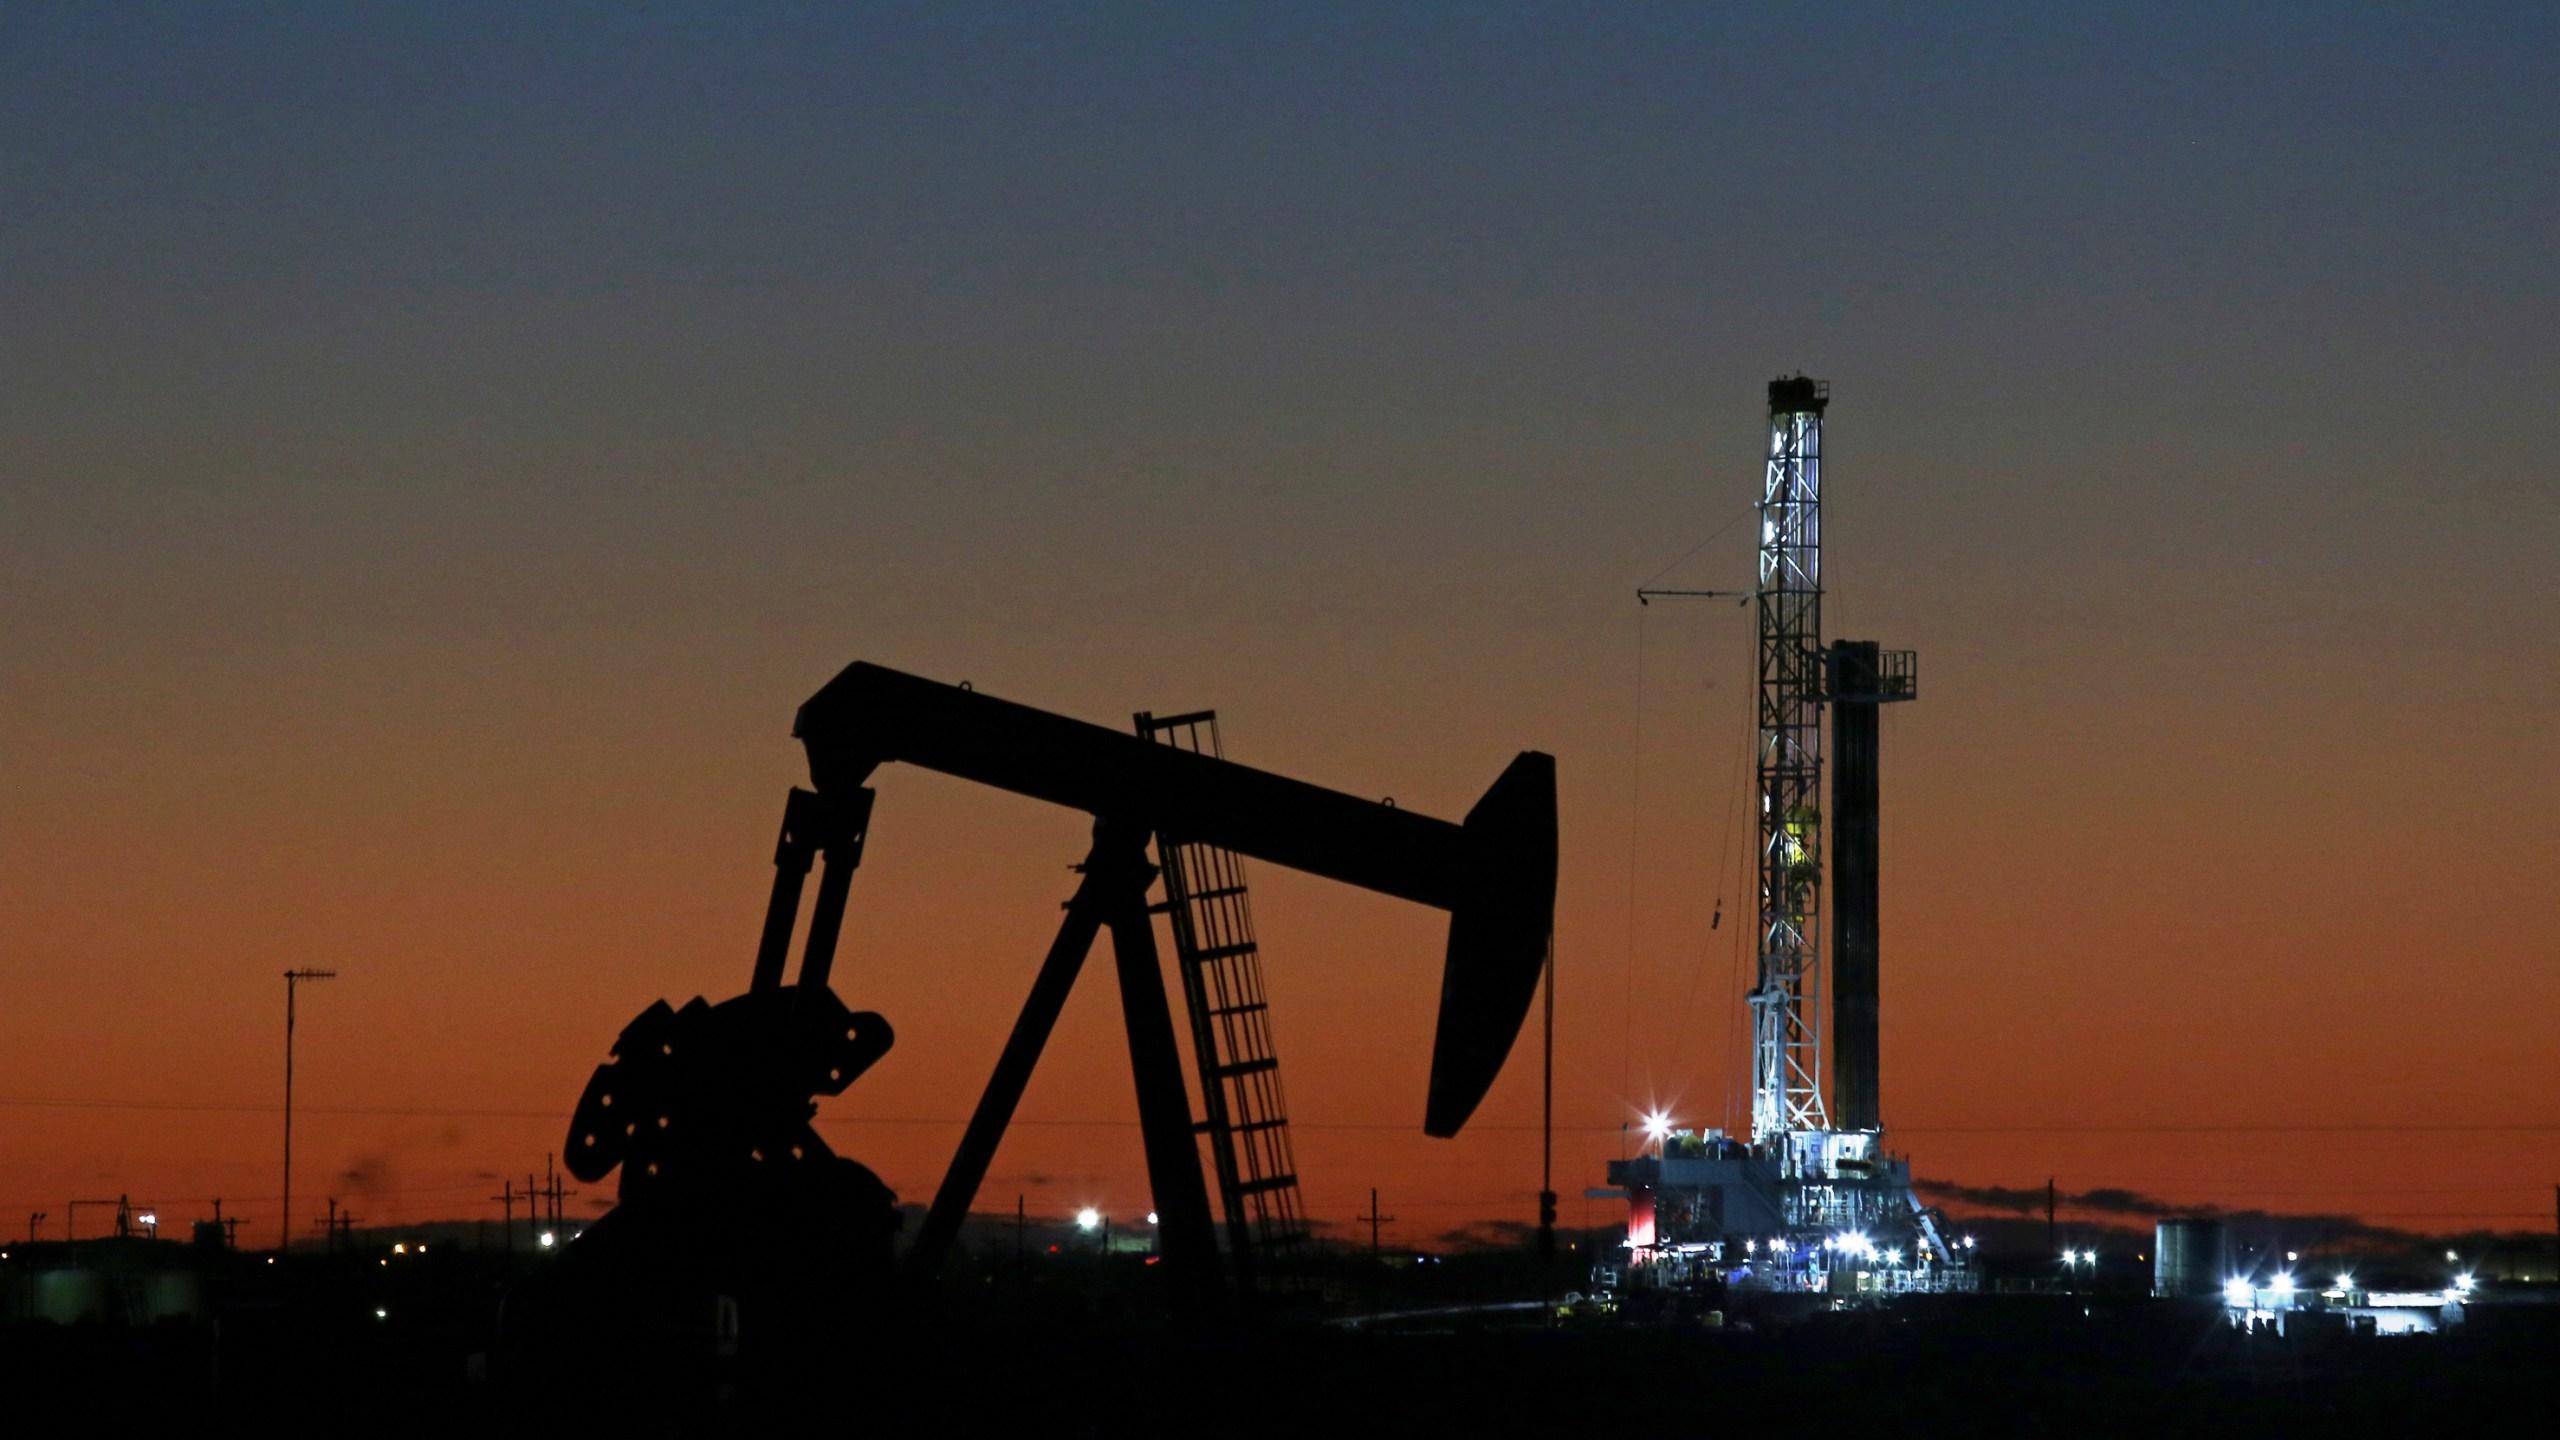 Air_Pollution_Oil_Drilling_Texas_00756-159532.jpg84938307